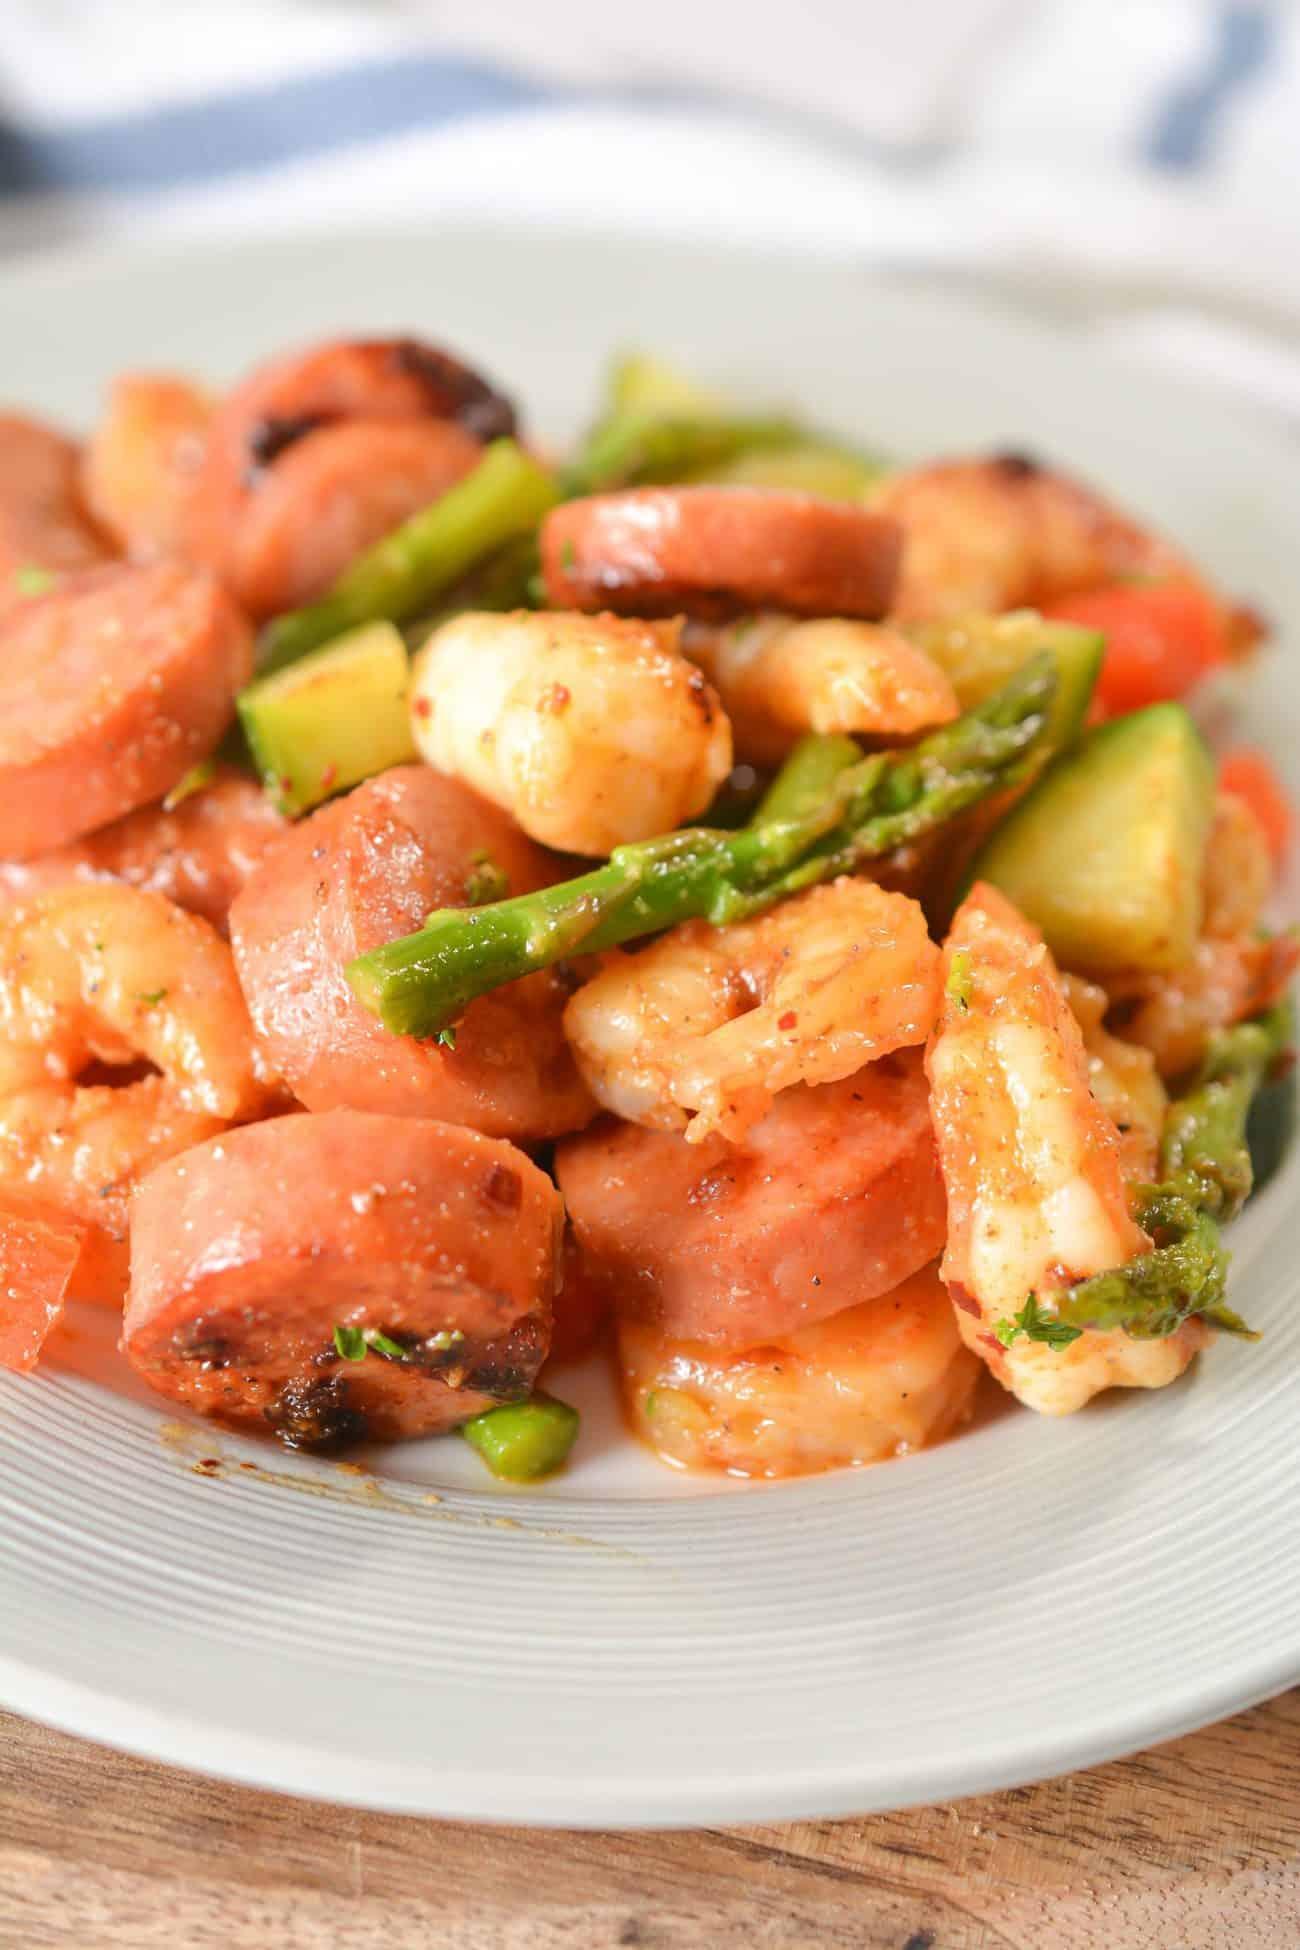 Shrimp and Sausage Veggie Skillet